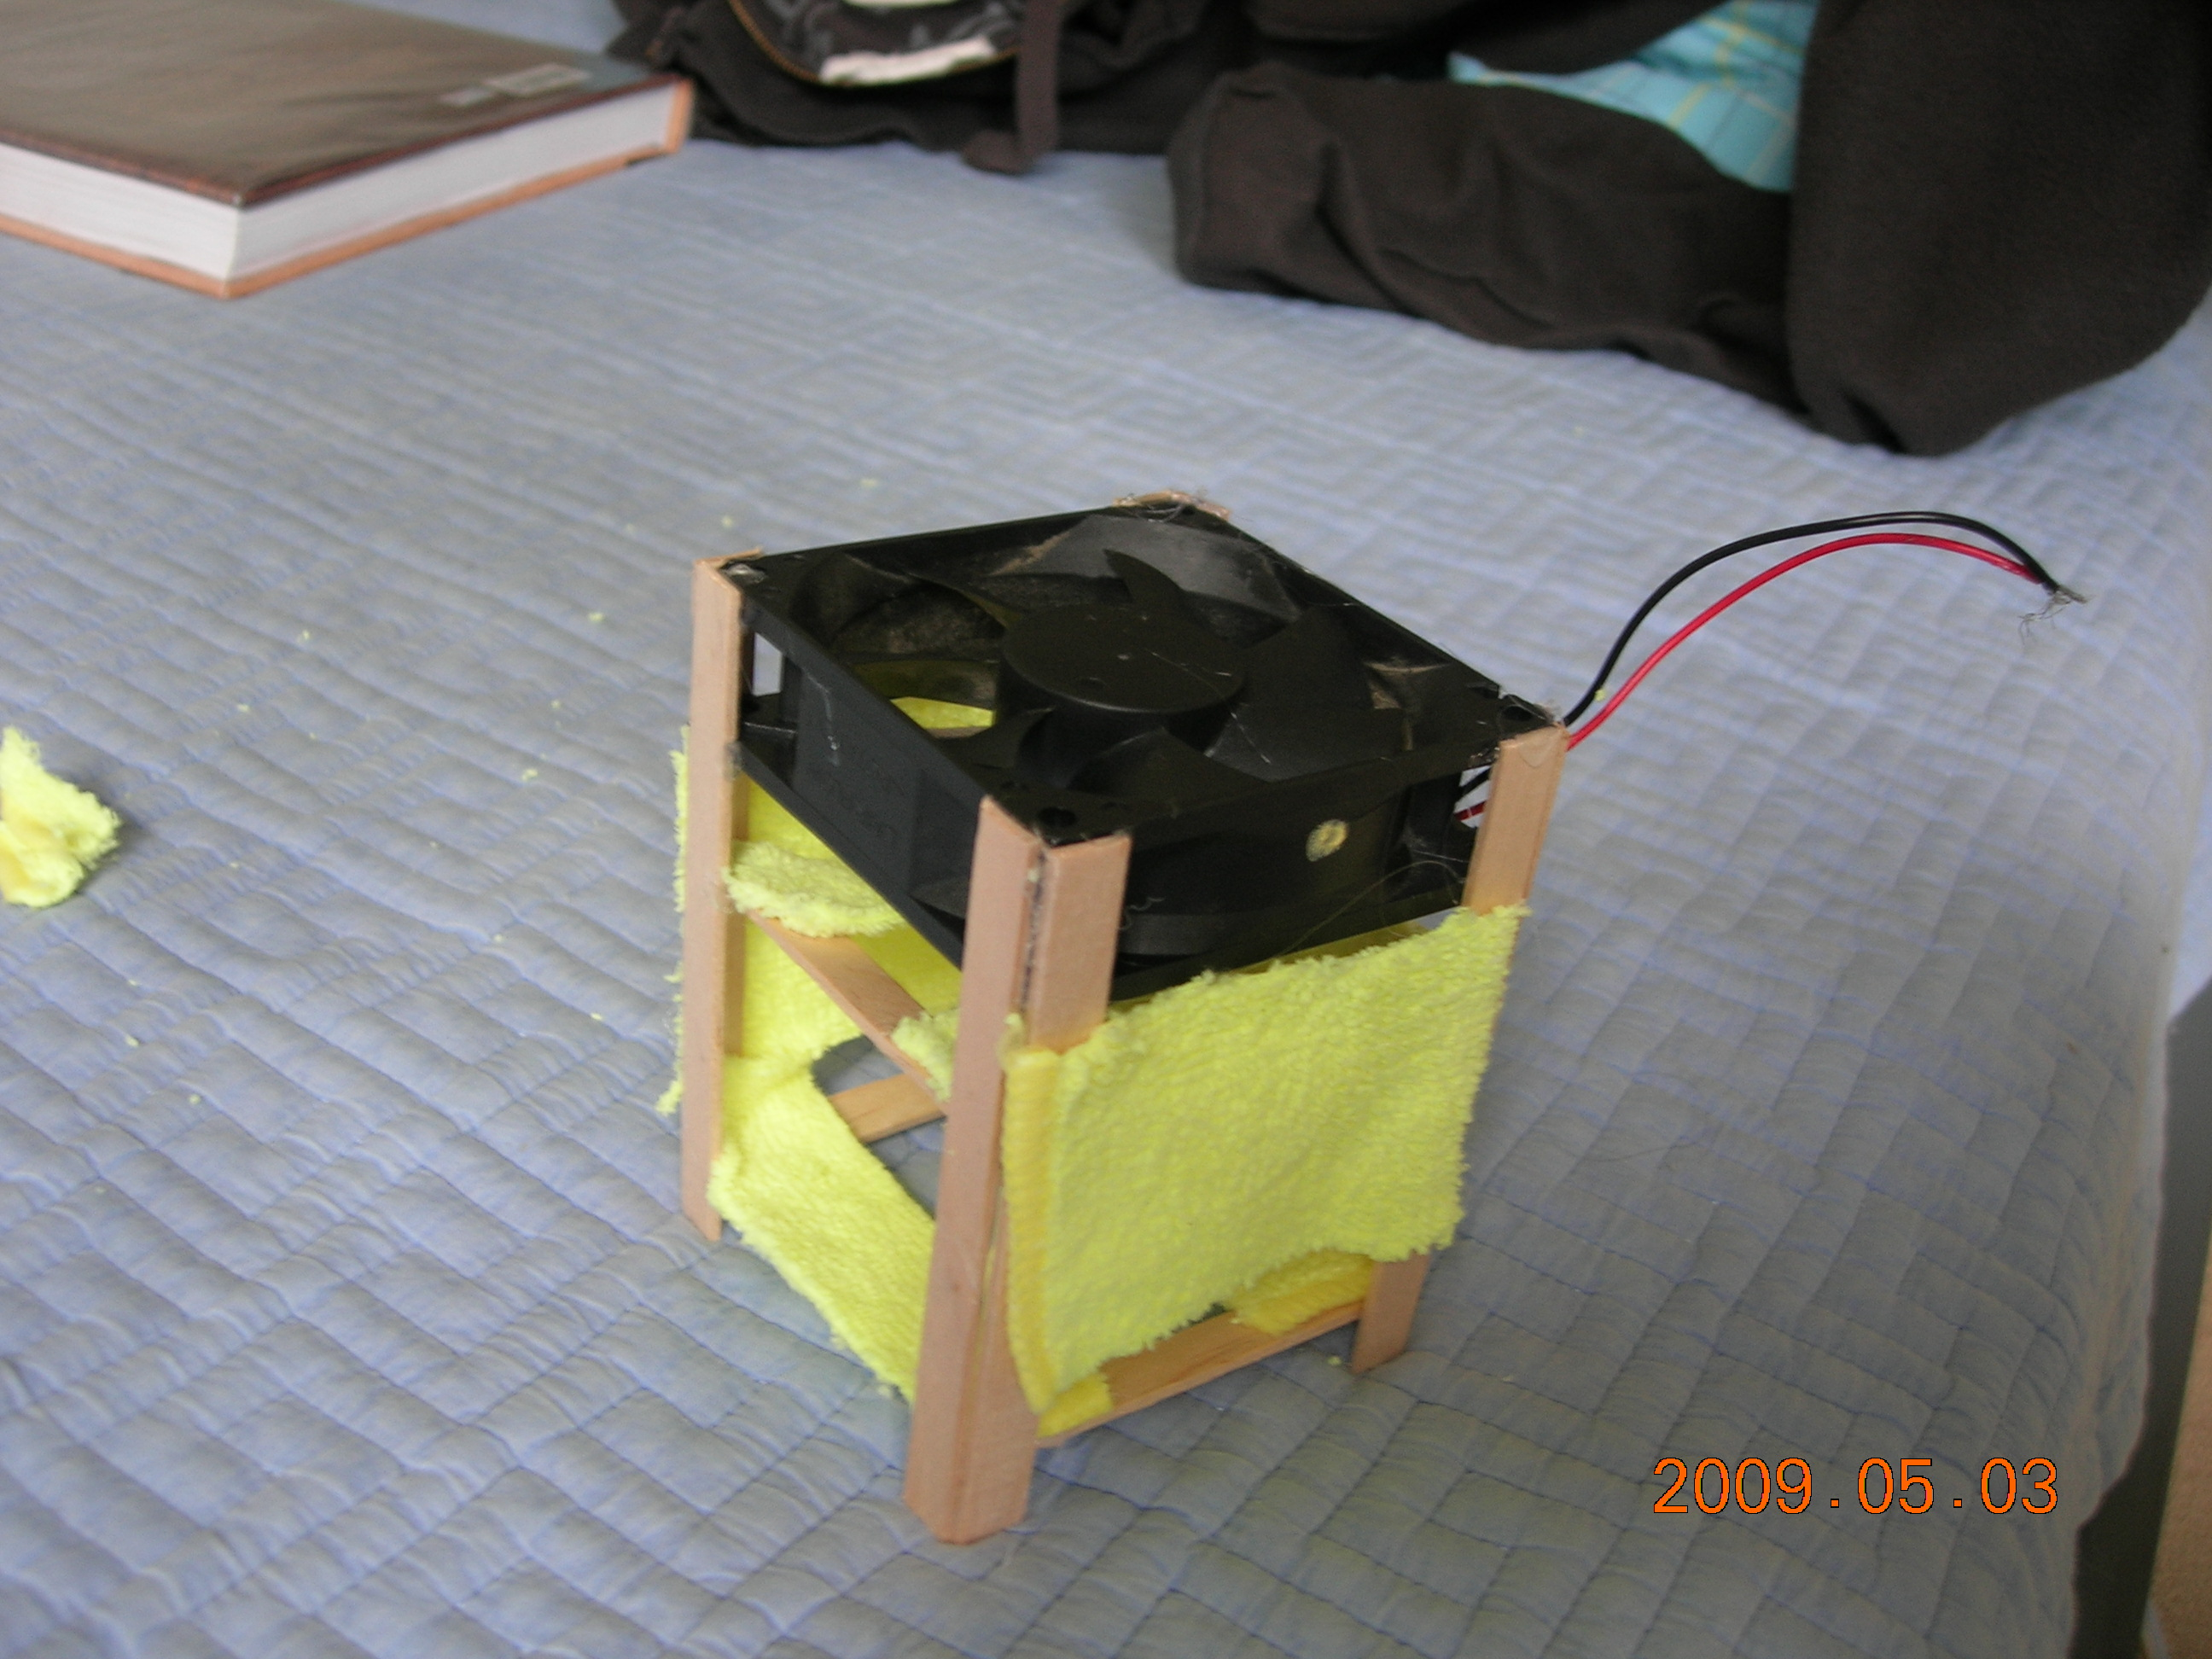 Mini Solar Air-Conditioner (a.k.a Swamp cooler)